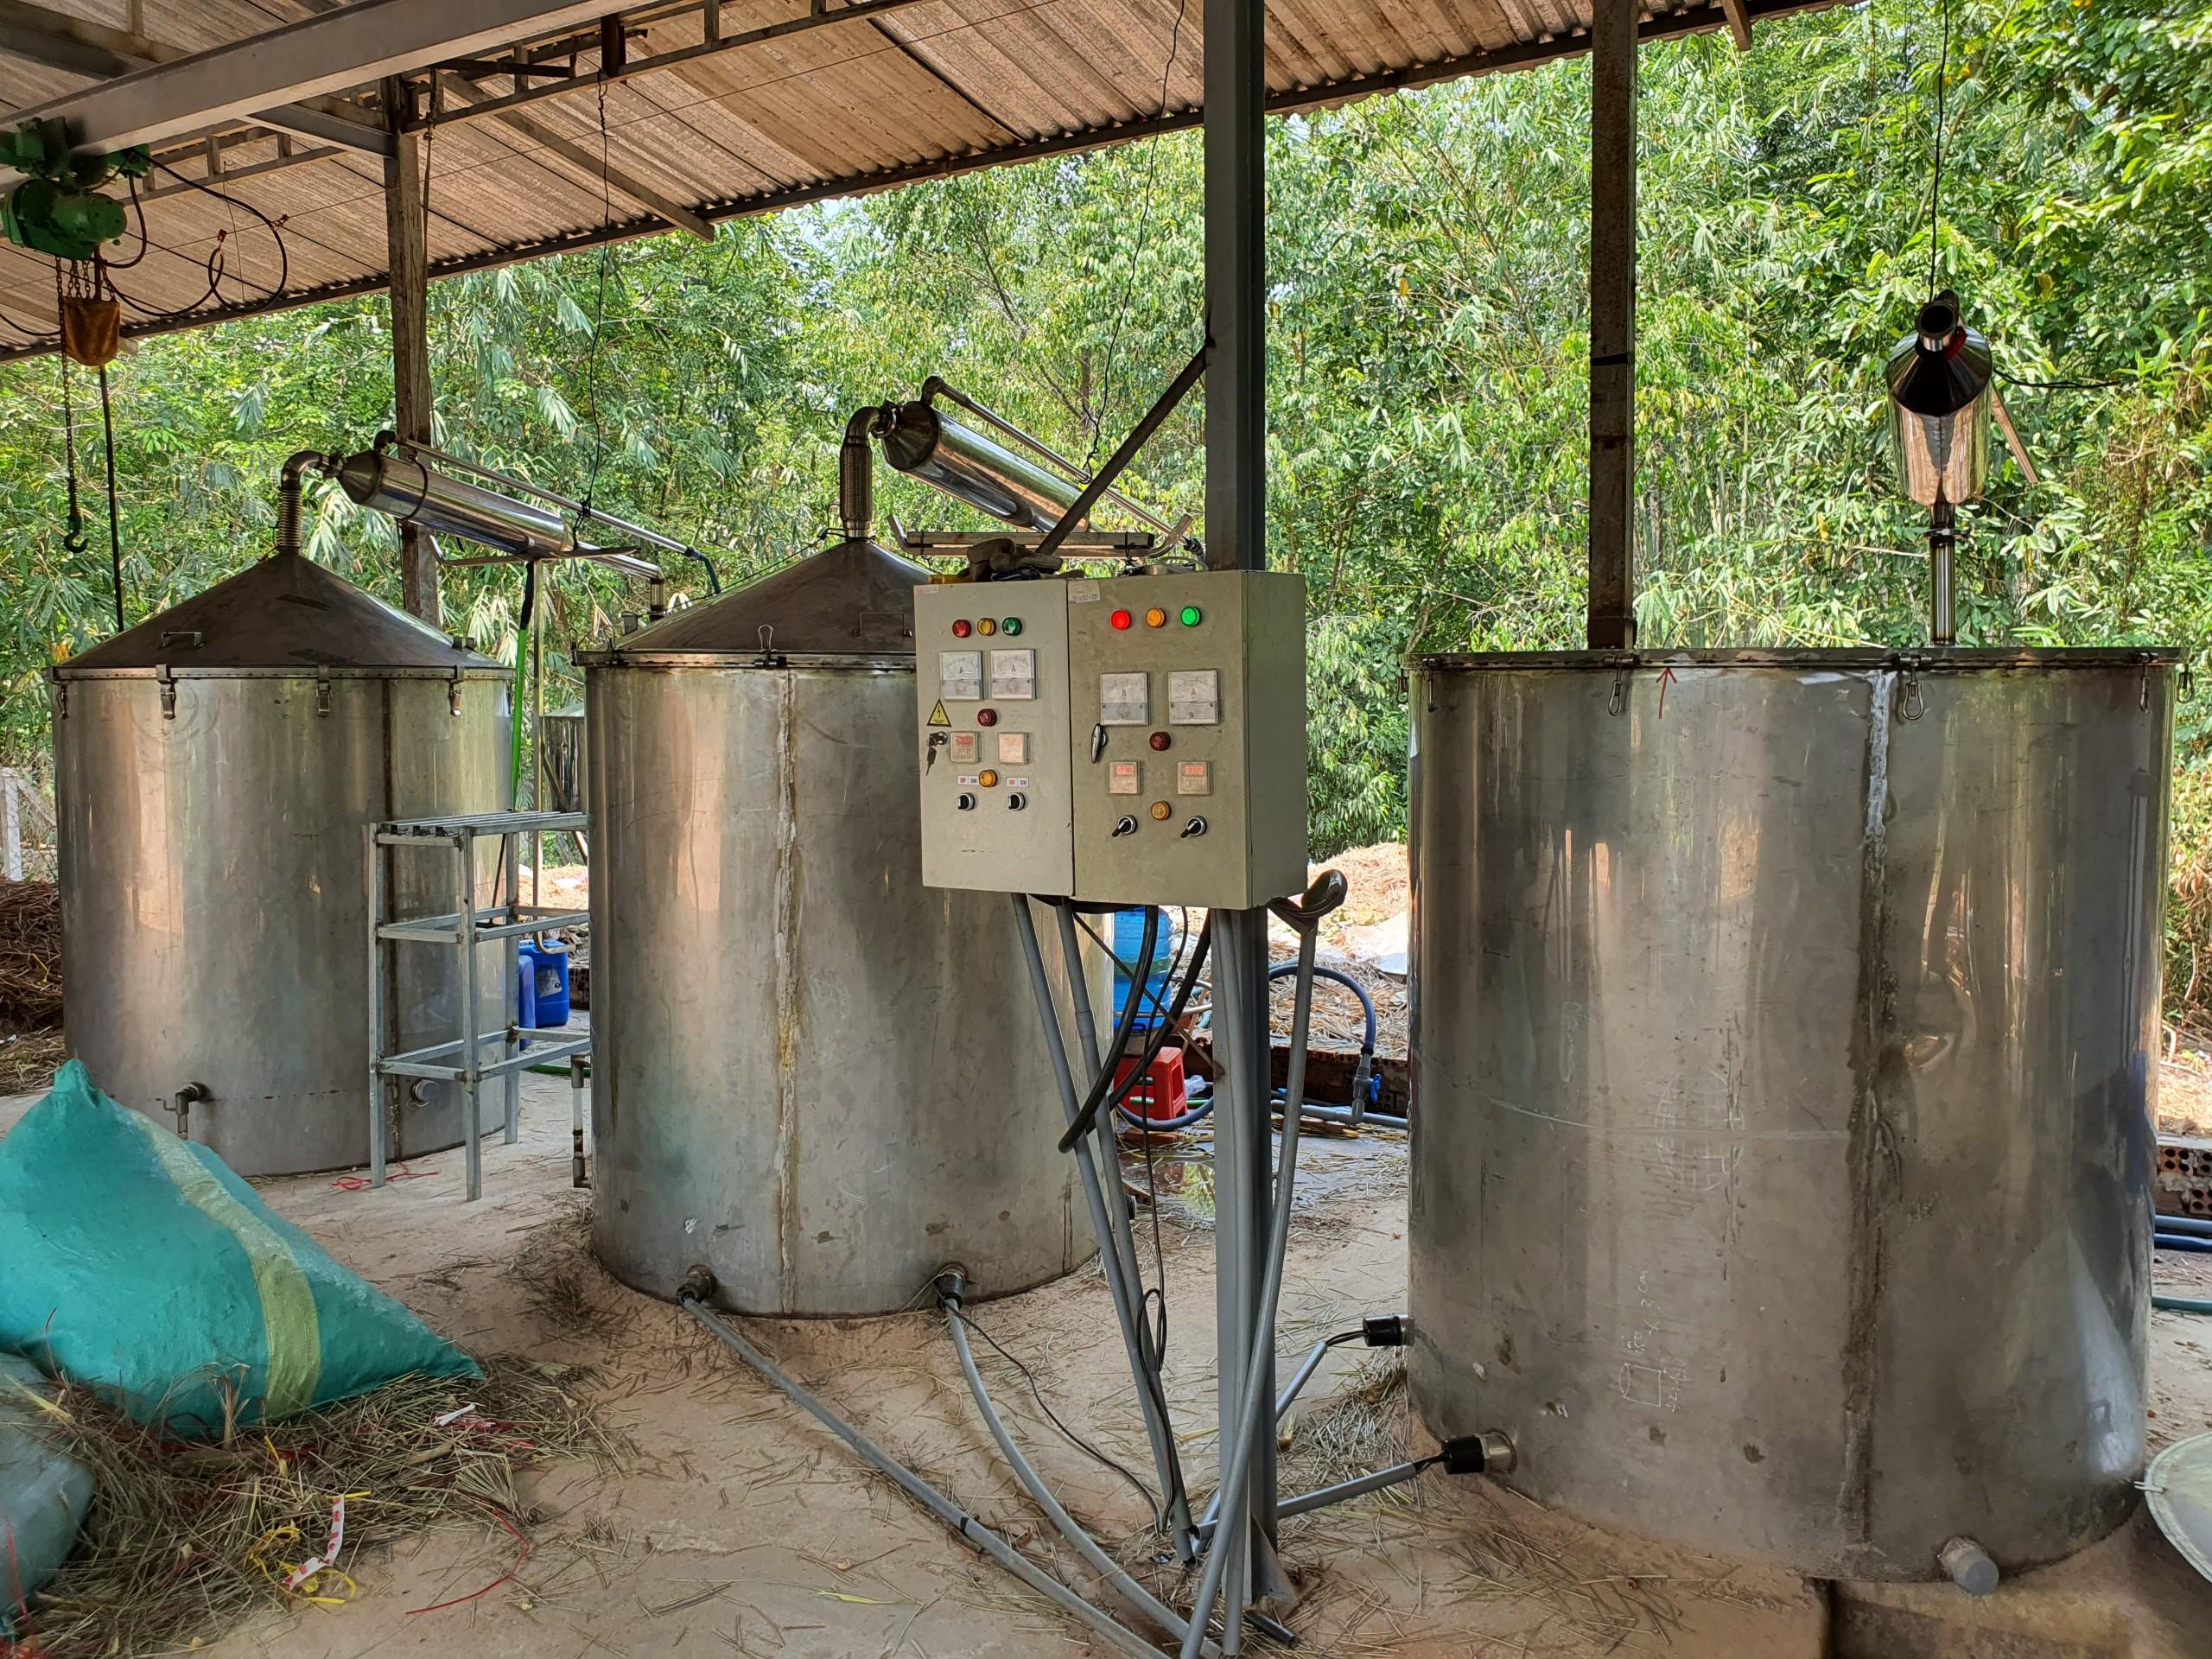 Tinh dầu Bưởi Chùm (bưởi Hồng, bưởi Úc) 100ml Mộc Mây - tinh dầu thiên nhiên nguyên chất 100% - chất lượng và mùi hương vượt trội